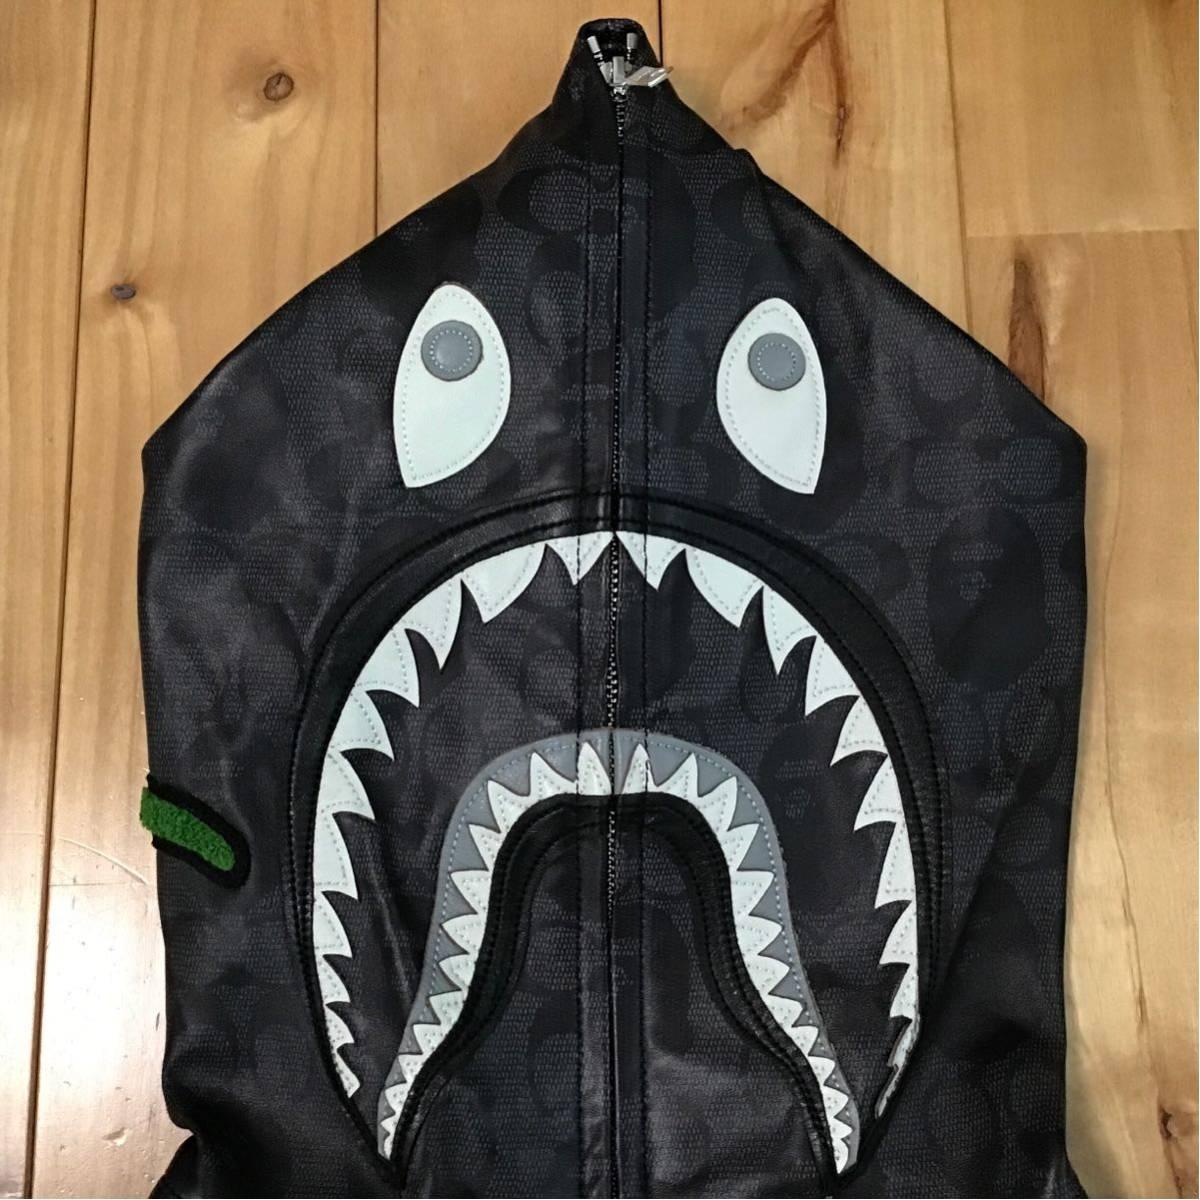 ★定価以下★ COACH BAPE LEATHER SHARK FULL ZIP HOODIE JACKET Lサイズ a bathing ape レザー シャーク パーカー エイプ ベイプ コーチ